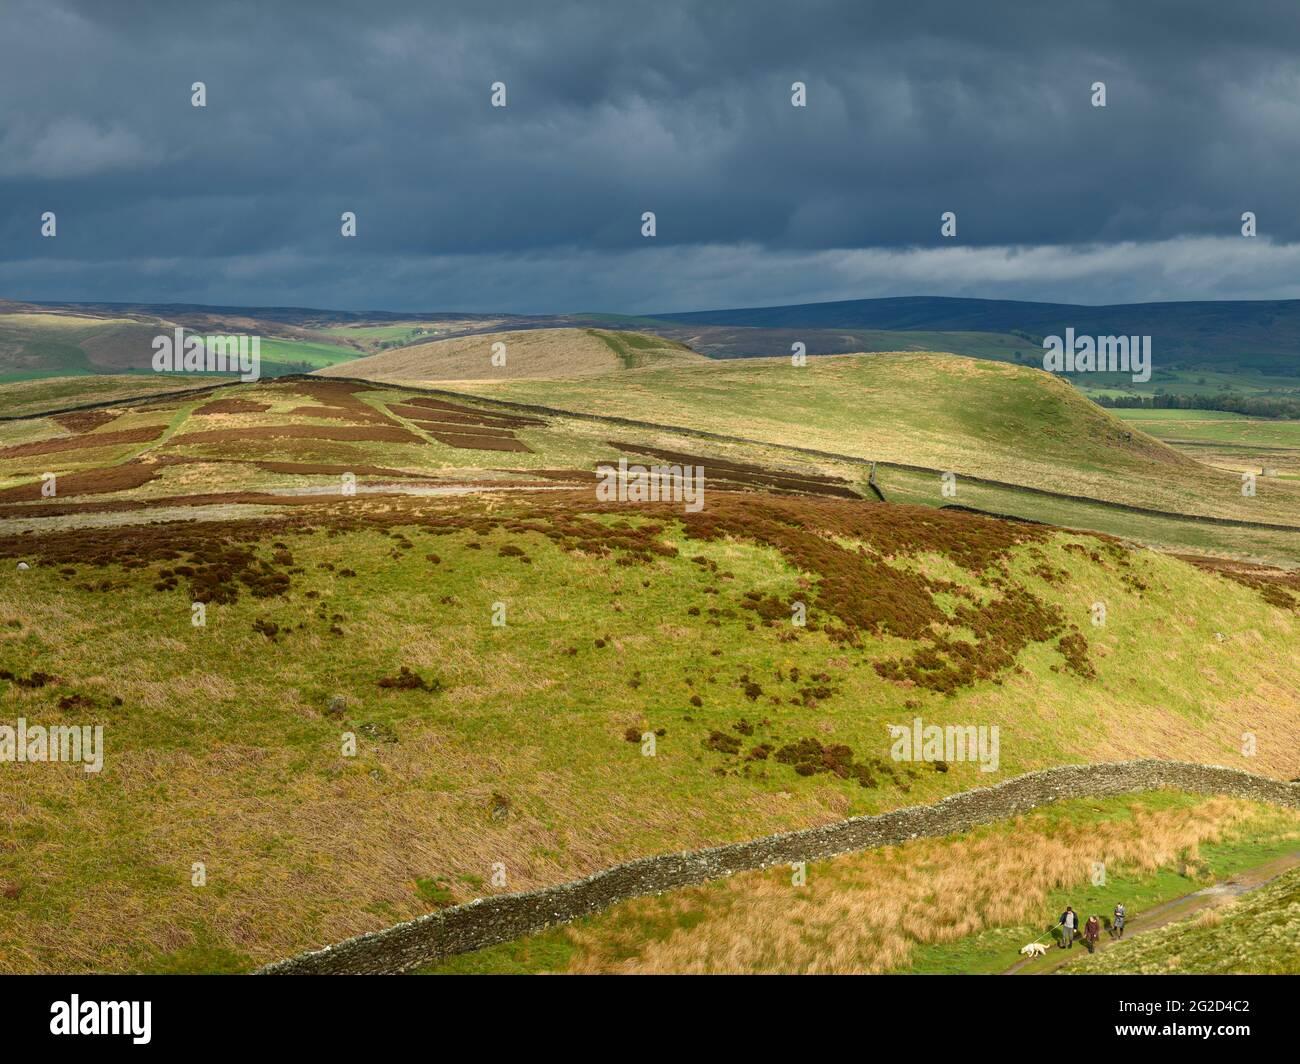 Malerische ländliche Landschaft & dunkle Regenwolken (hügelige Gegend, sanft geschwungene, sonnenbeschienenen Hügel, Menschen, die mit dem Hund spazieren) - Blick auf Wharfedale, Yorkshire Dales England, Großbritannien Stockfoto